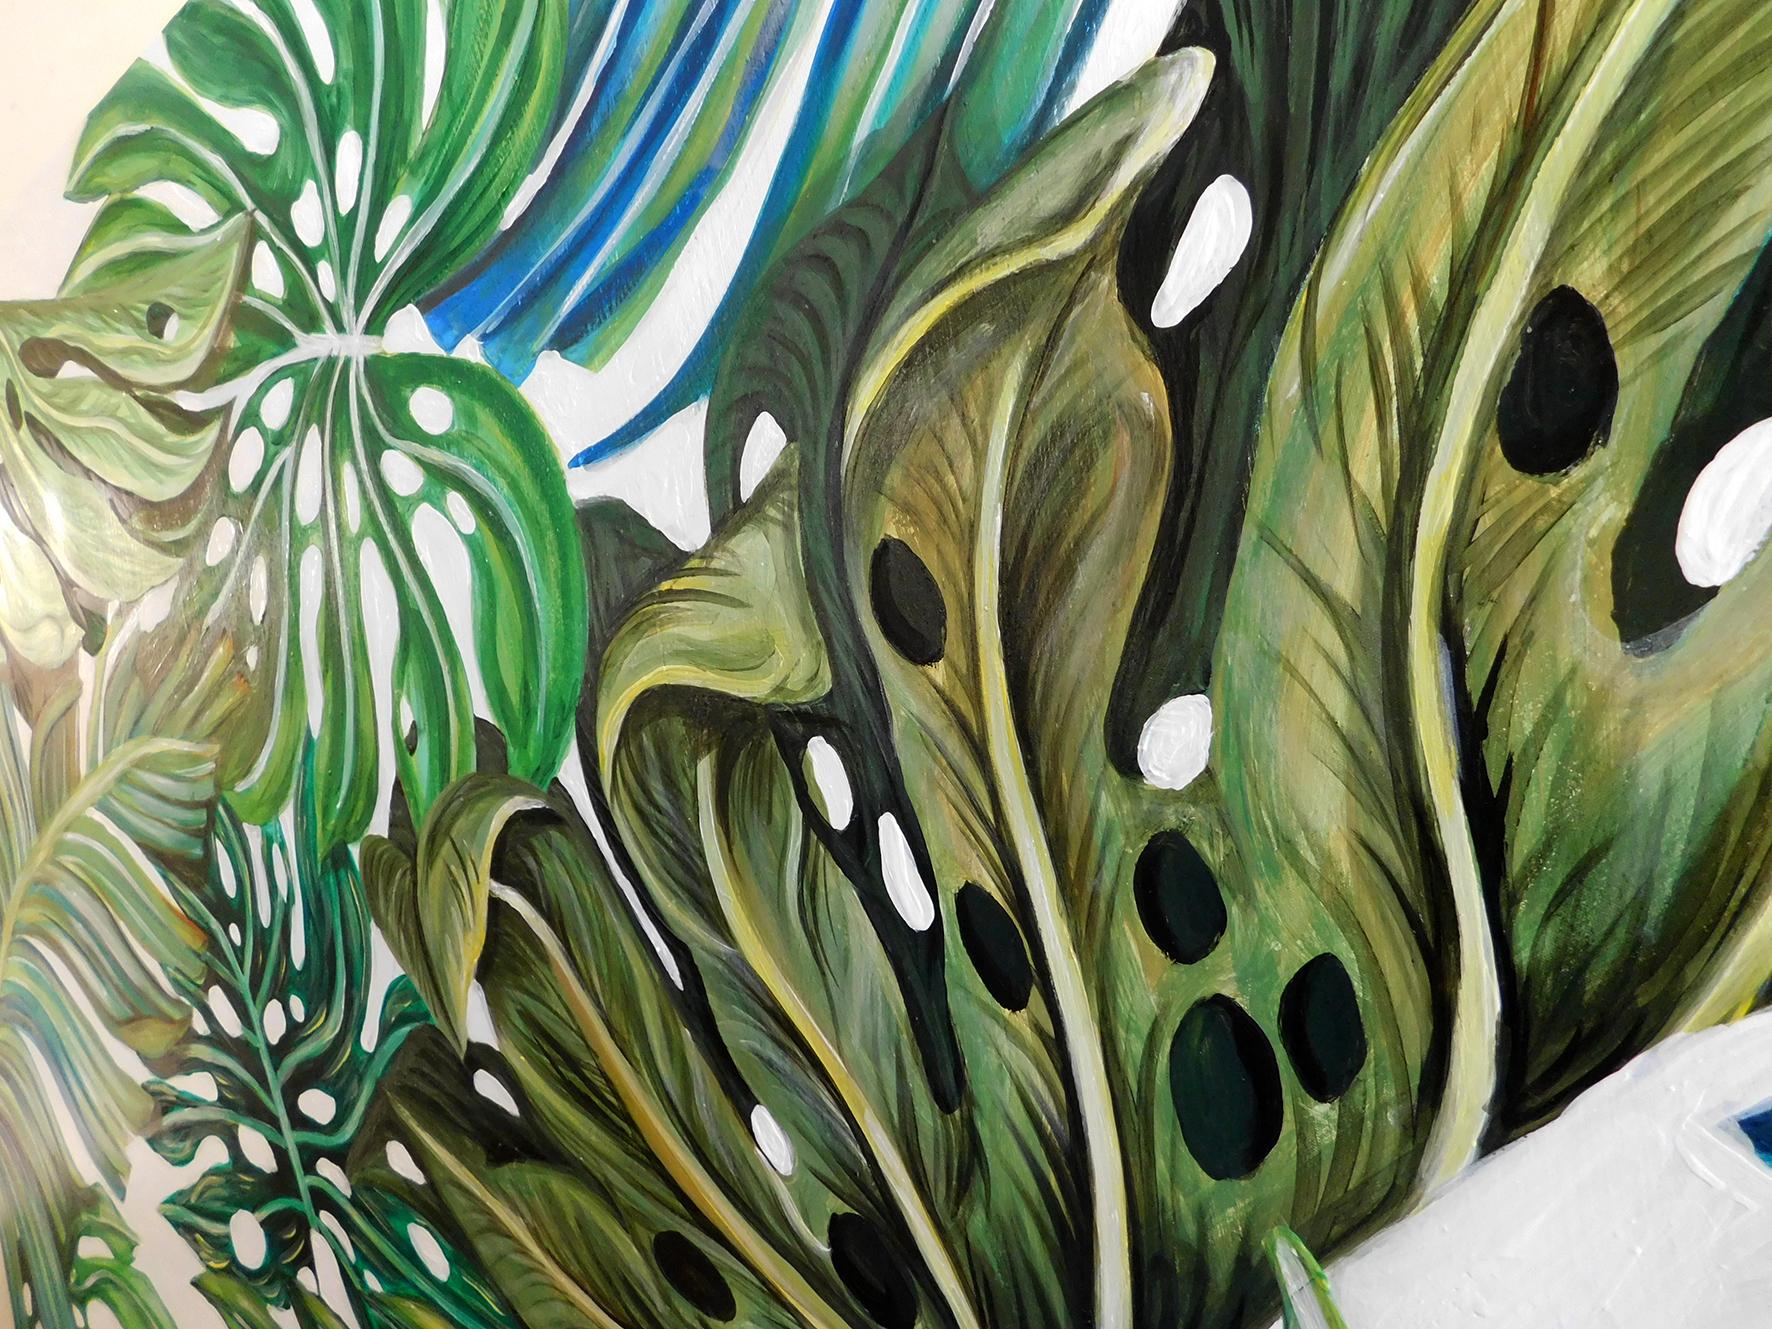 Illustrious Leaves Part 1 Natalie Daghestani Art Dubai BSAB2